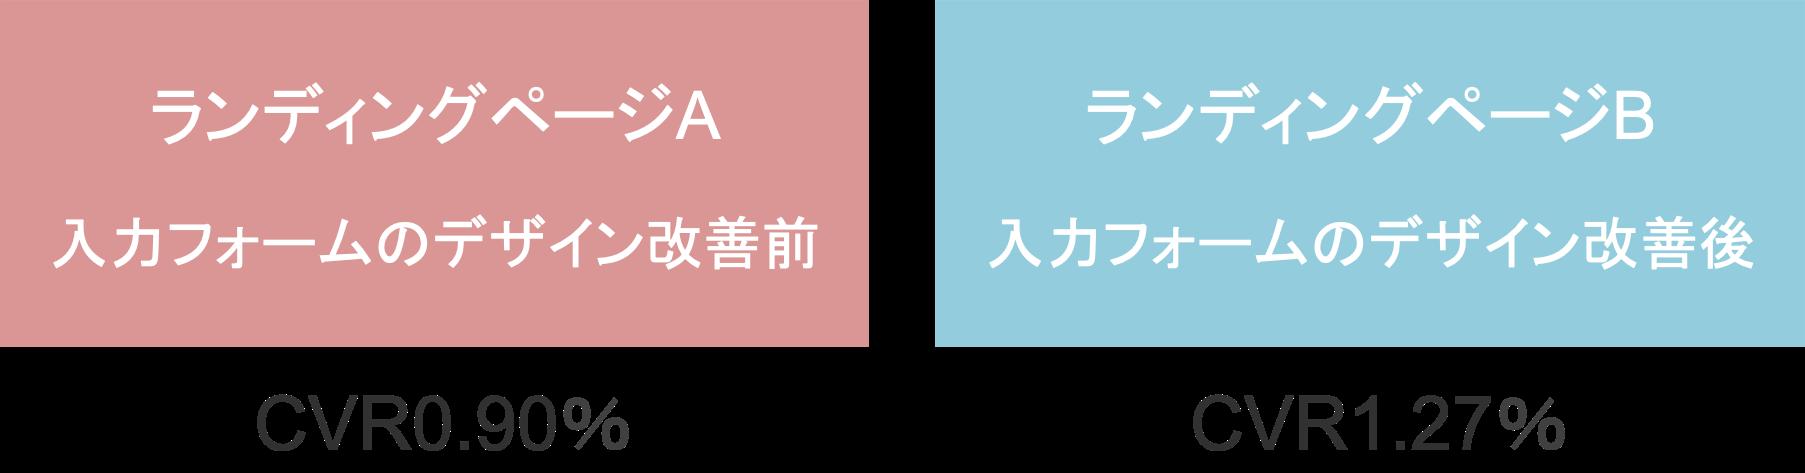 「入力フォームのデザイン改善前のLP」と「入力フォームのデザイン改善後のLP」でコンバージョン率をABテストした結果